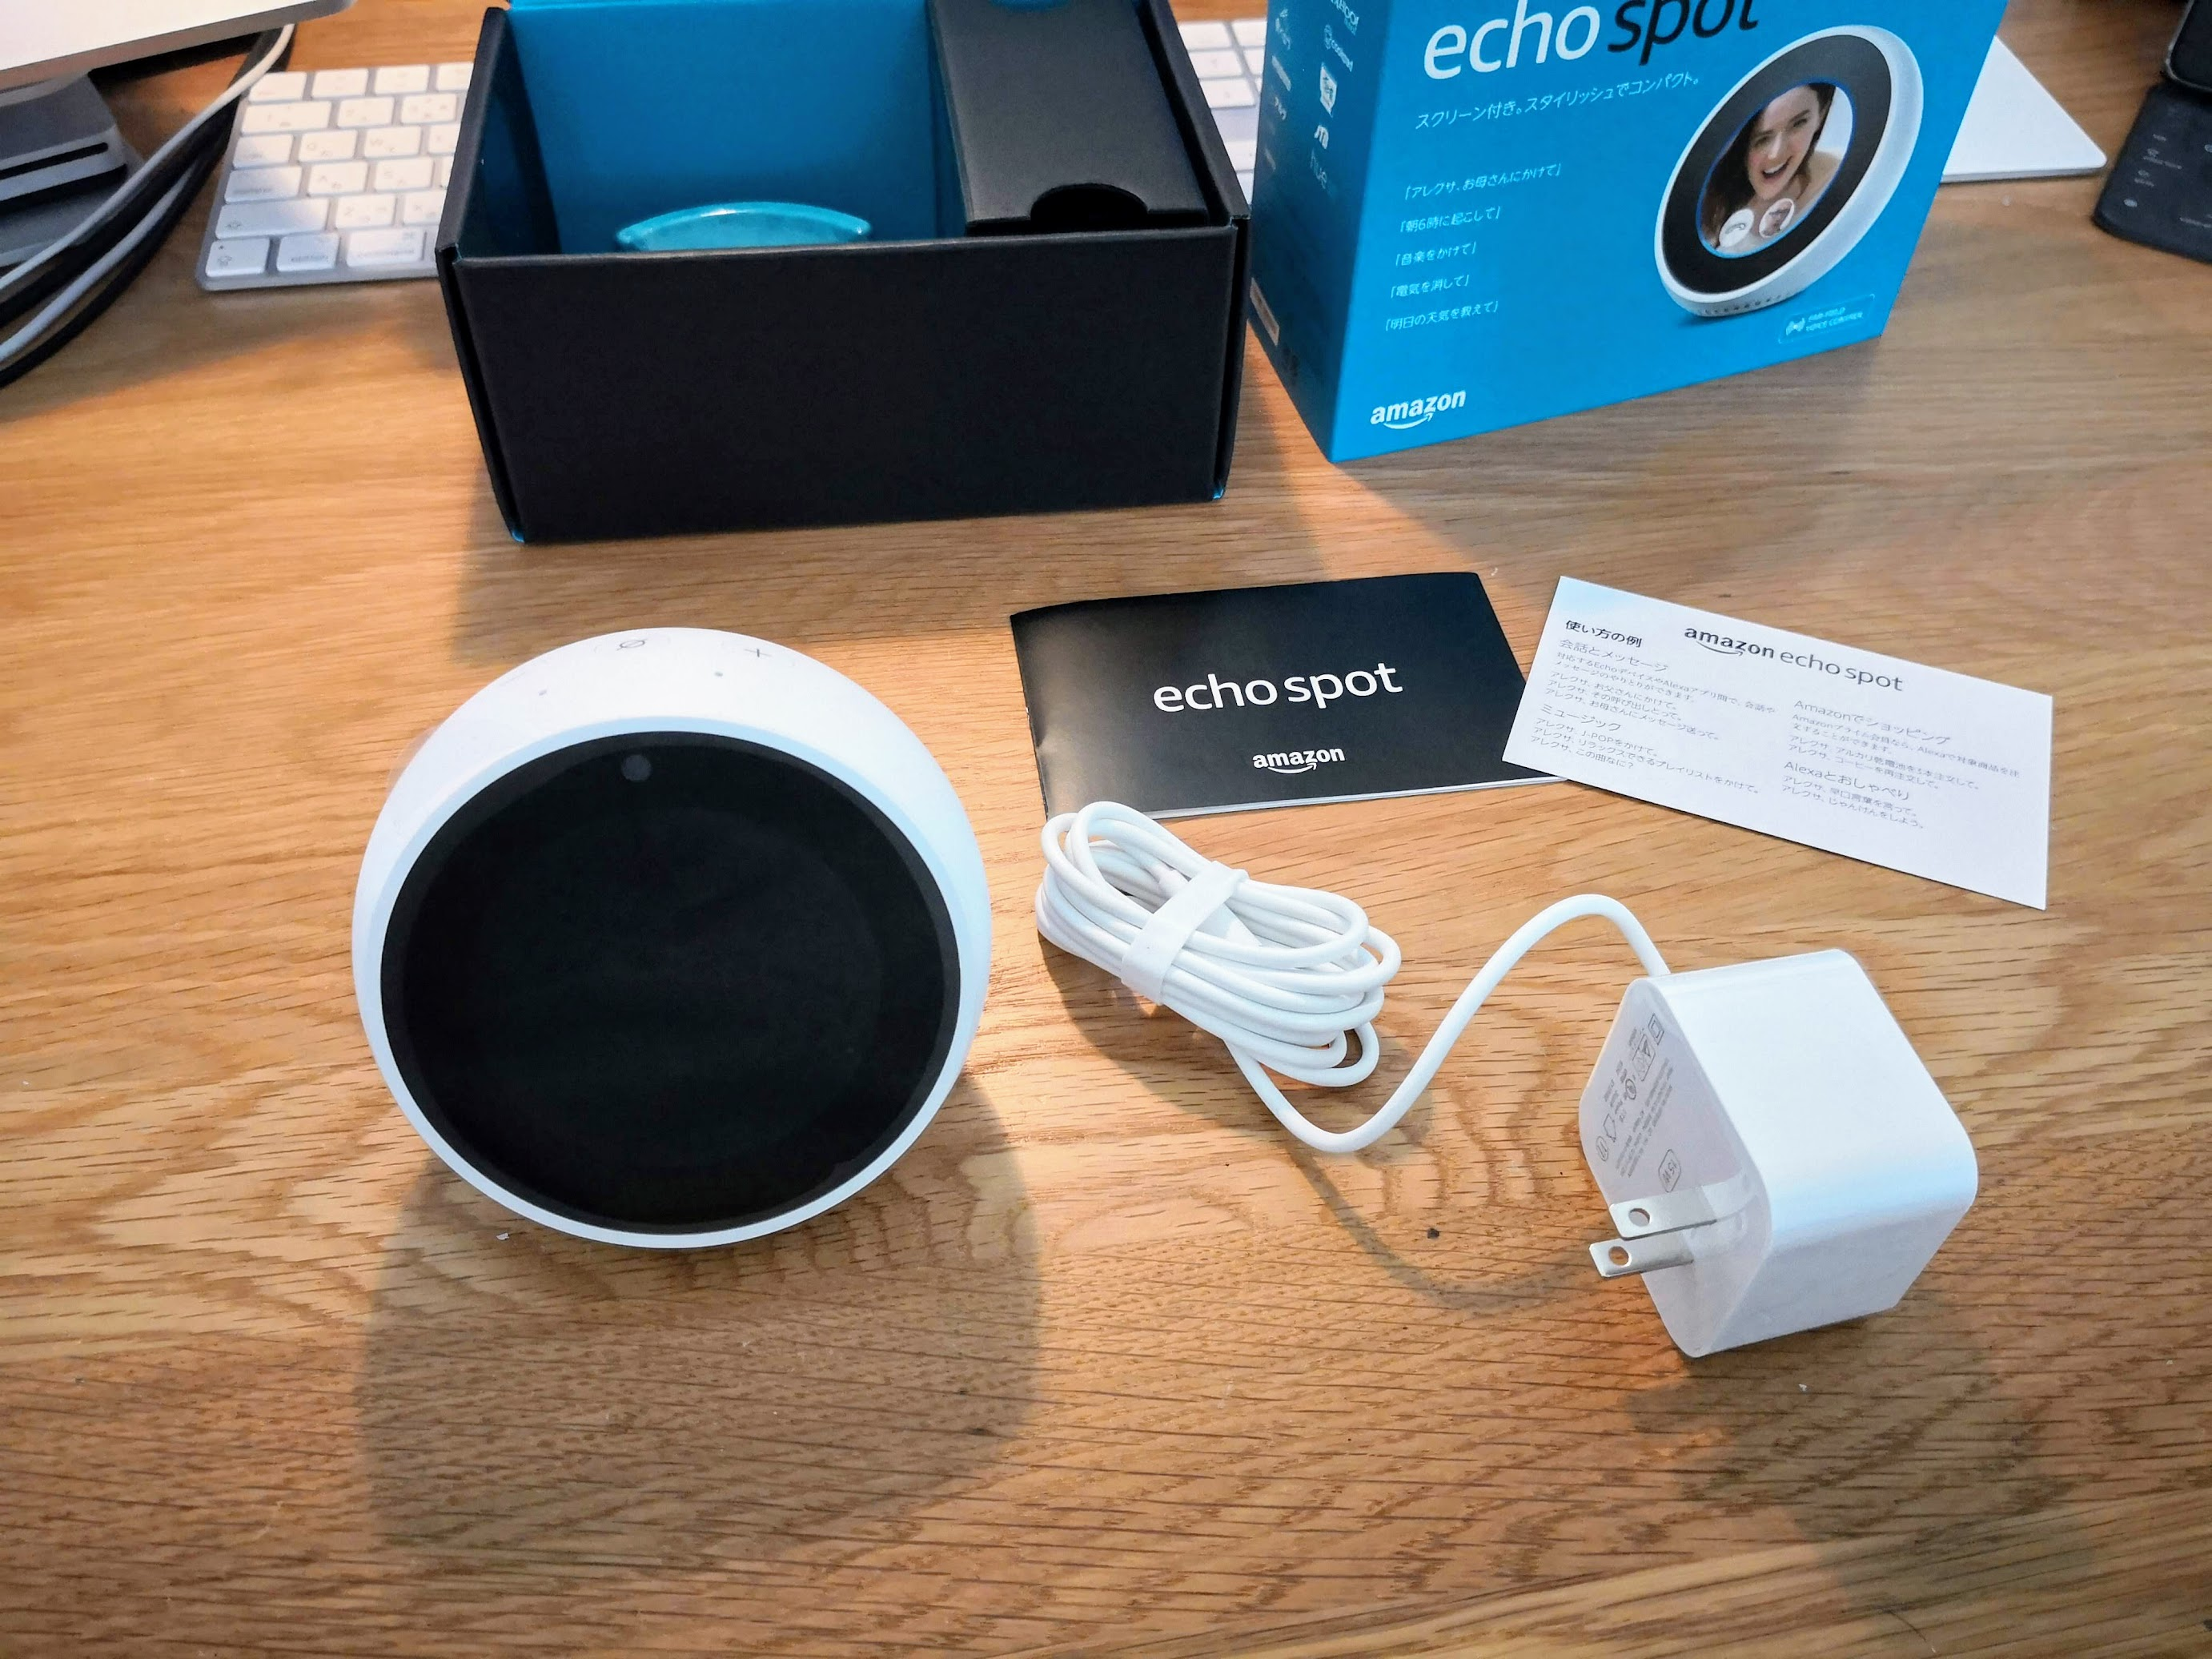 Amazon Echo Spotと付属品をデスクの上に並べる様子